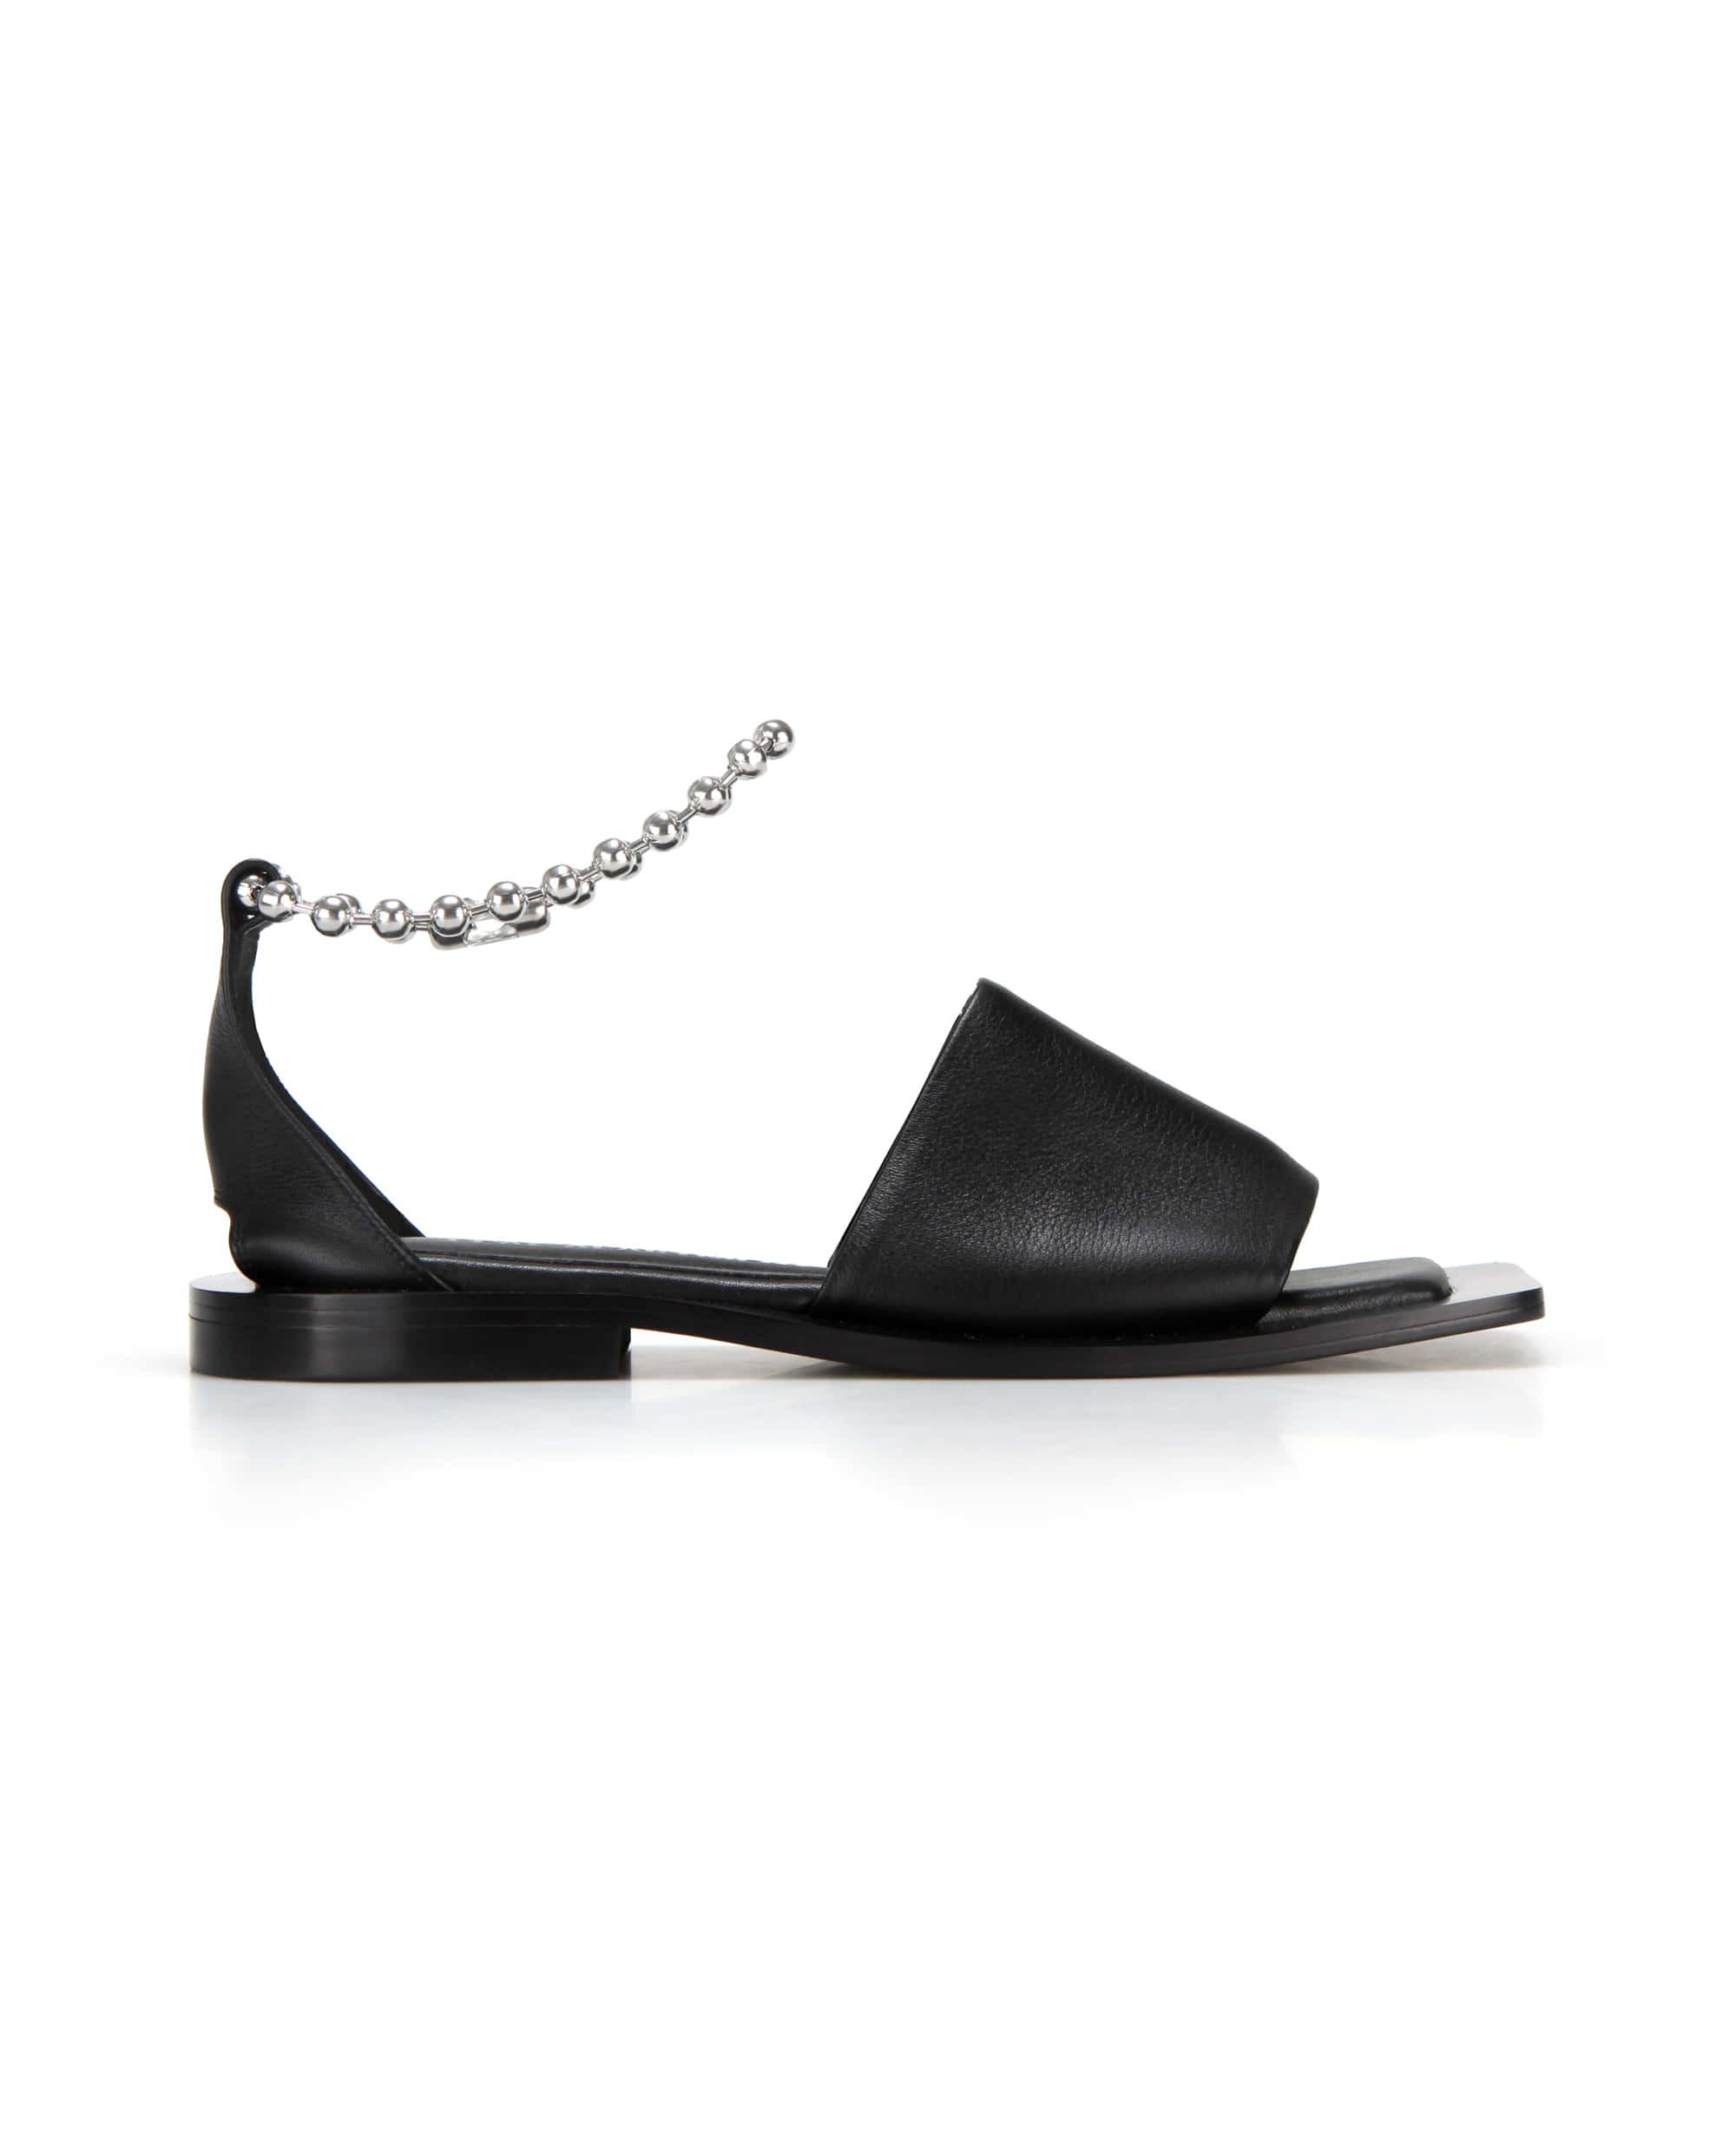 Wide square sole slide sandals | Black